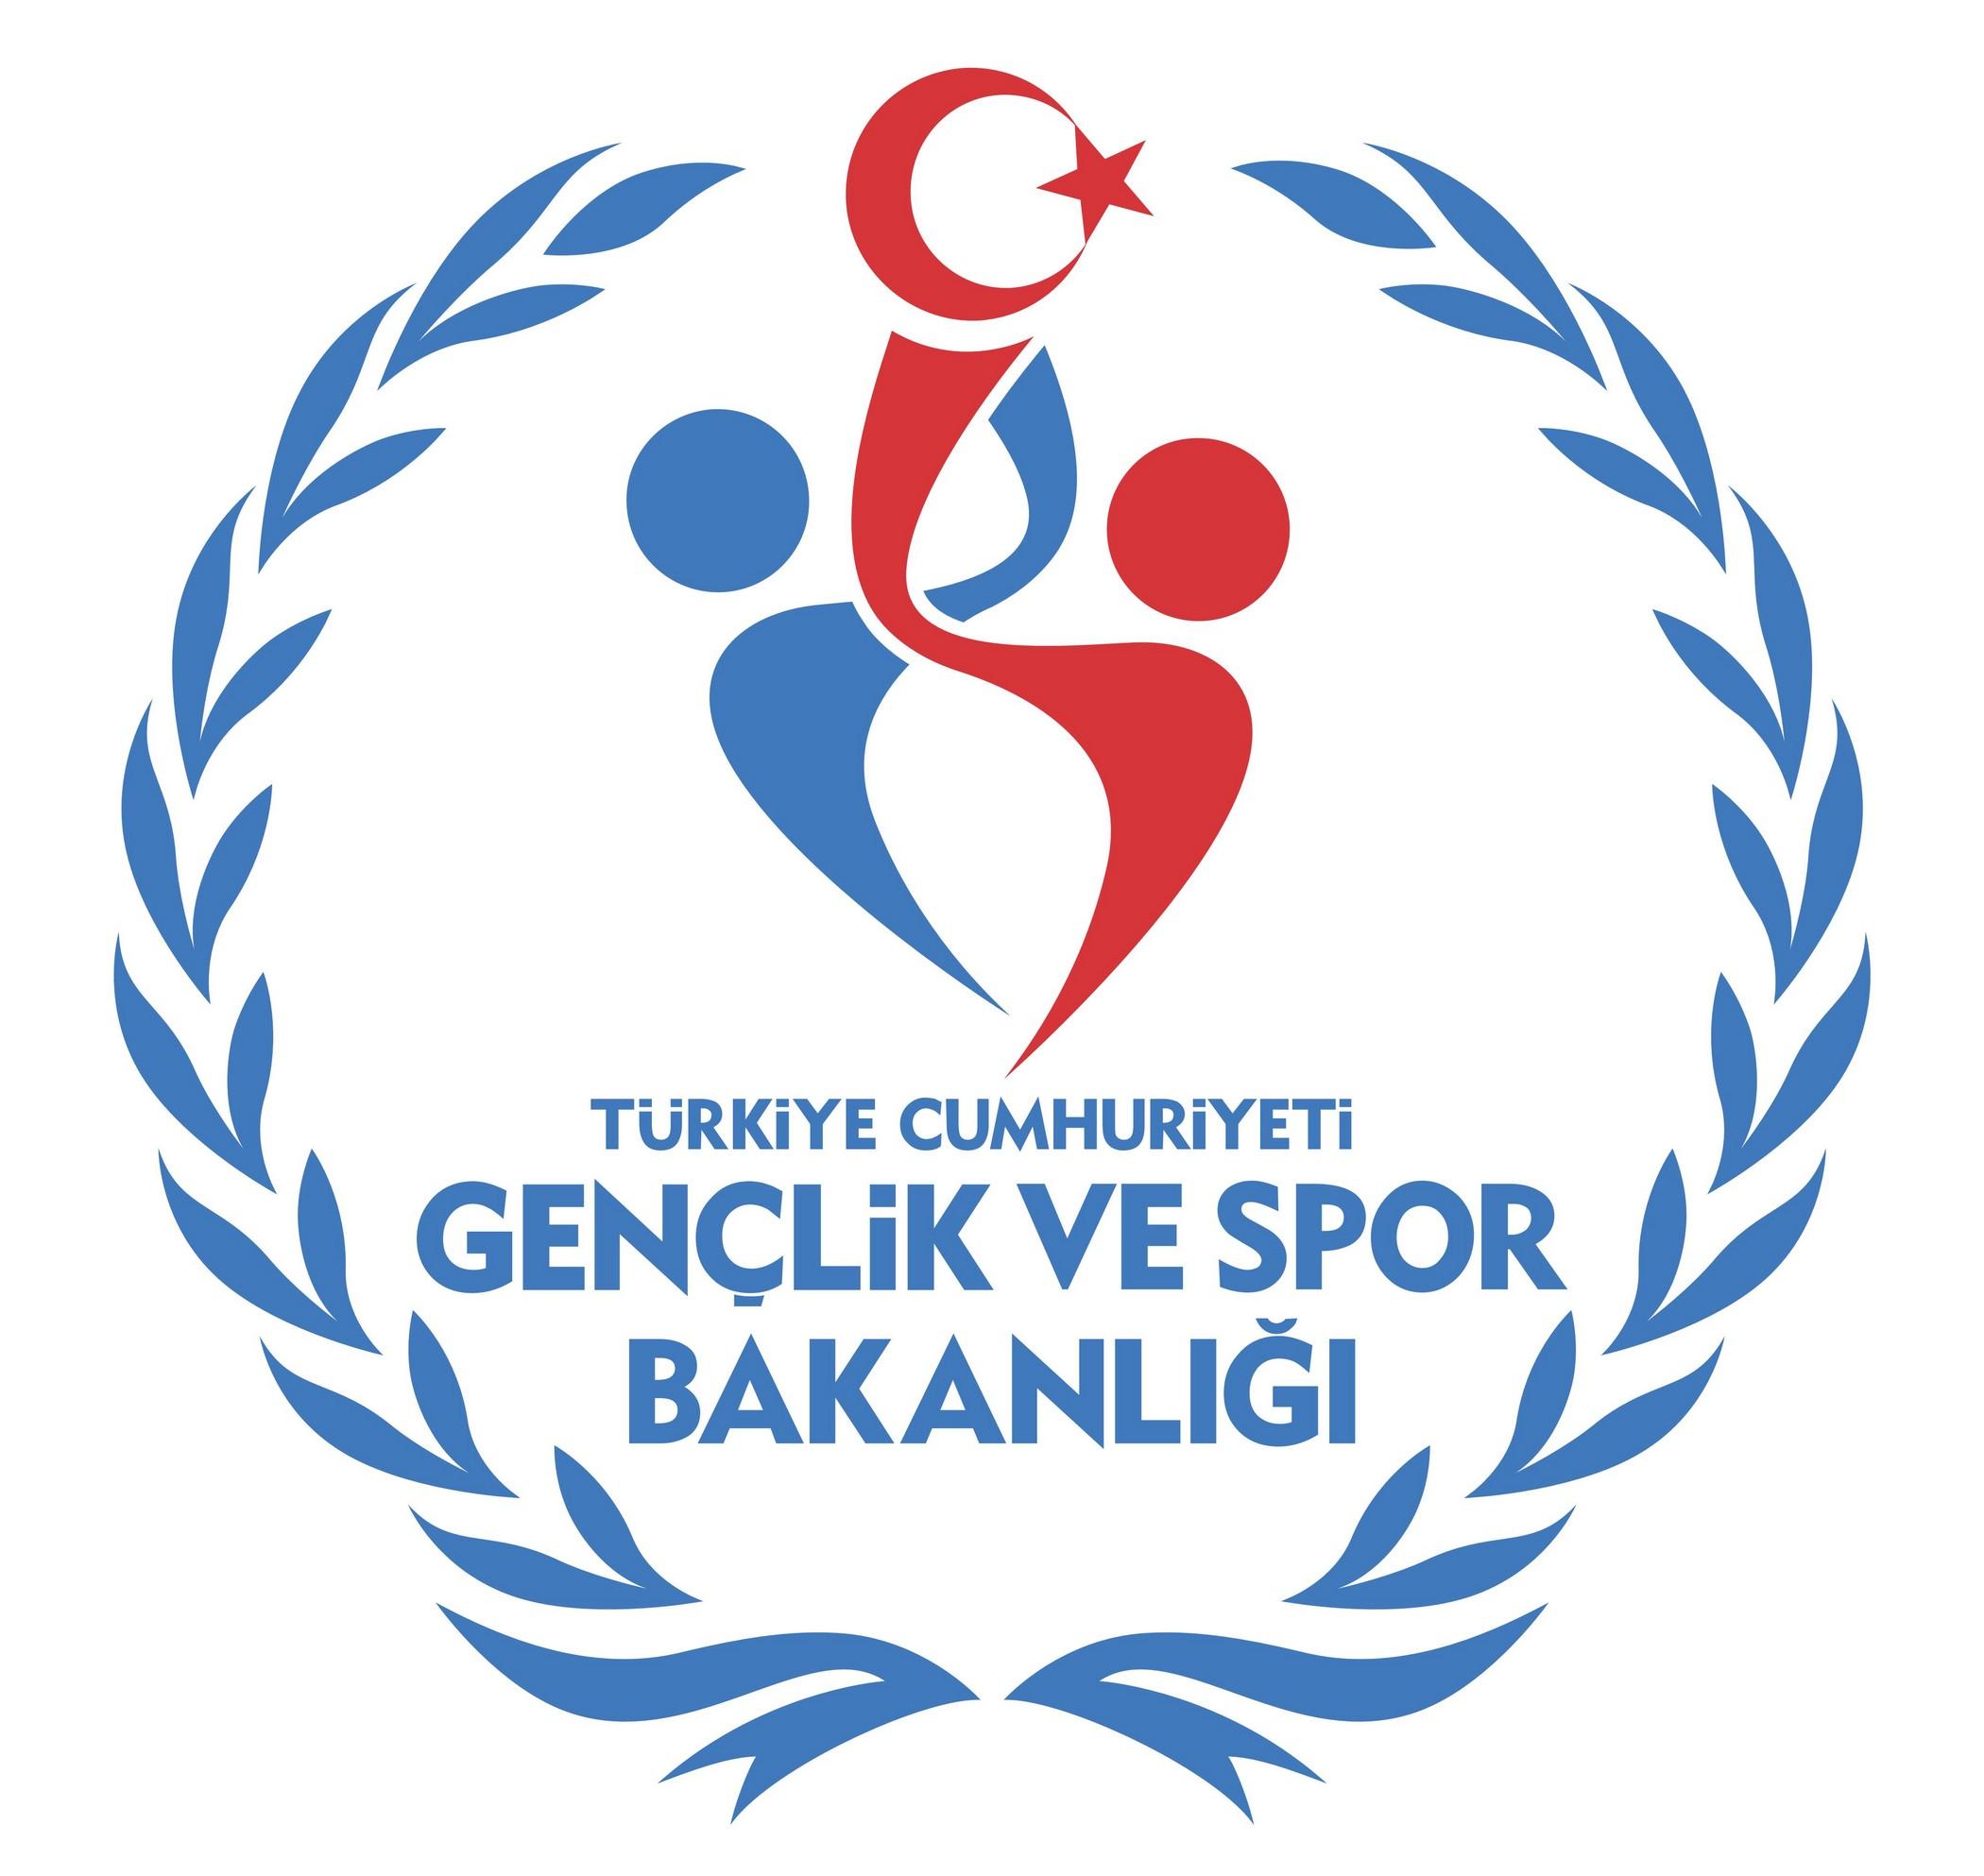 Gençlik ve Spor Bakanlığı Personel Alım İlanı